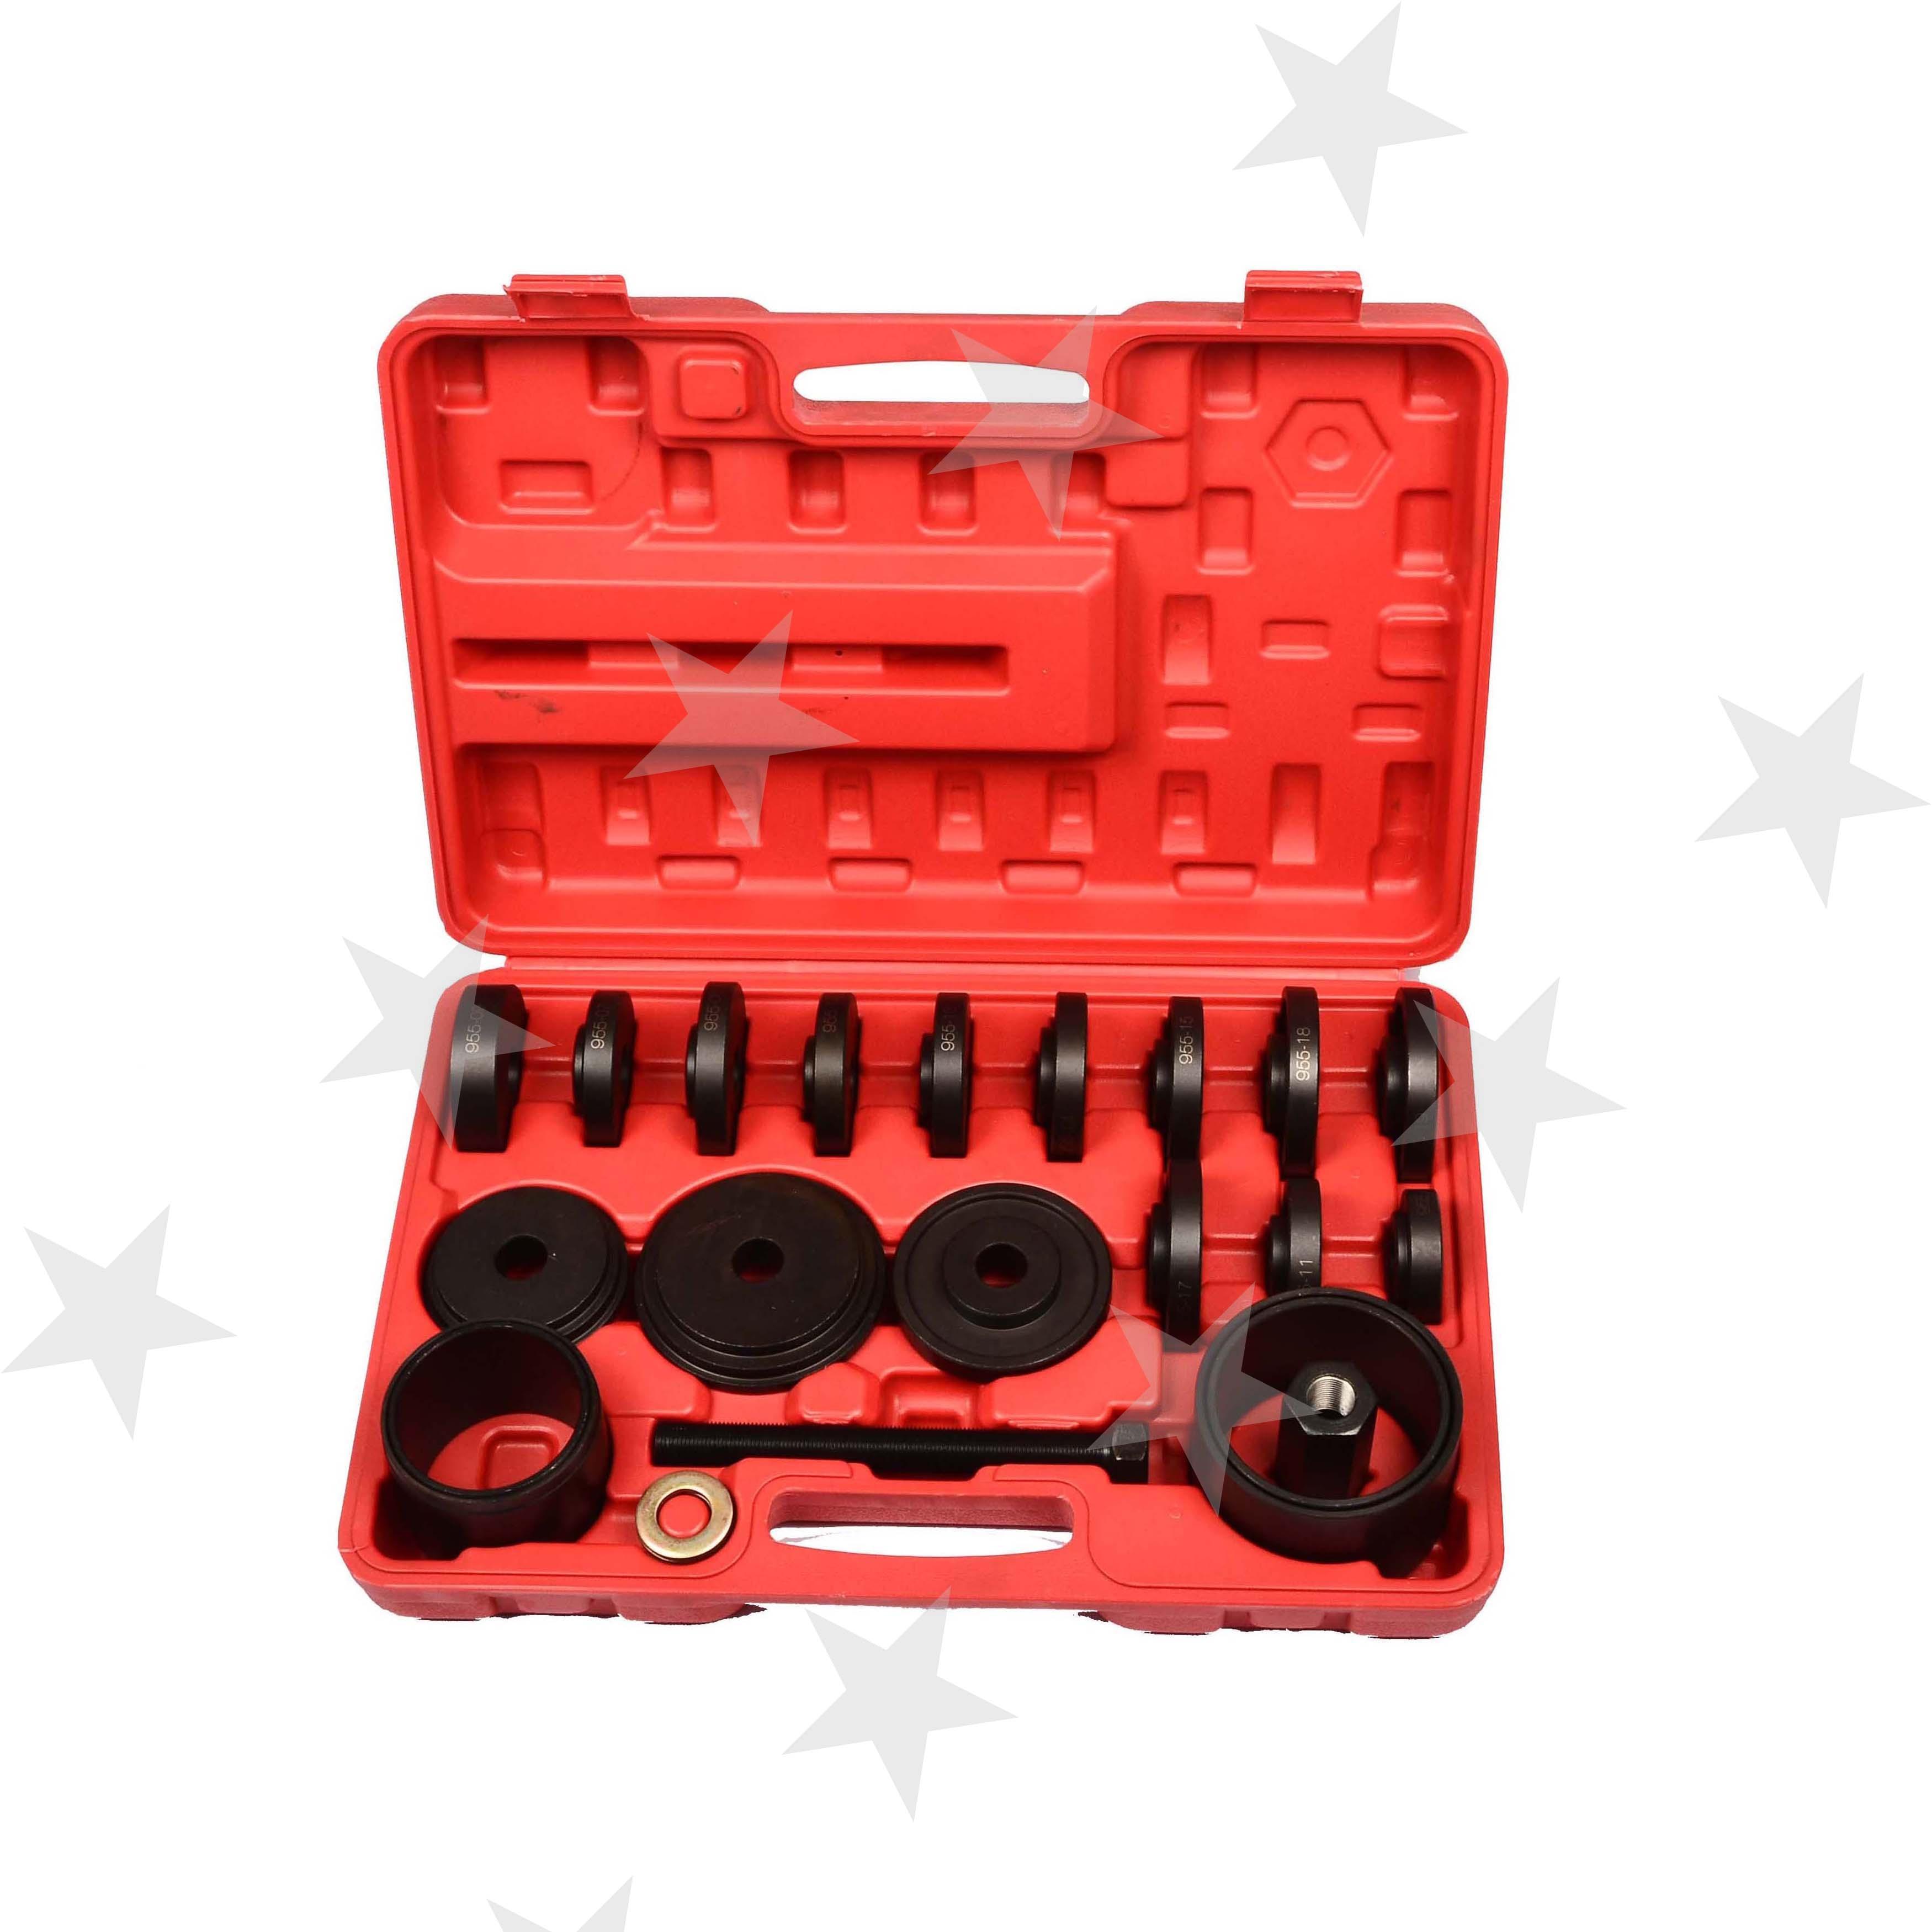 23 Pcs Fwd Vorne Stick Lager Drücken Kit Entfernung Adapter Puller Pulley Tool Kit